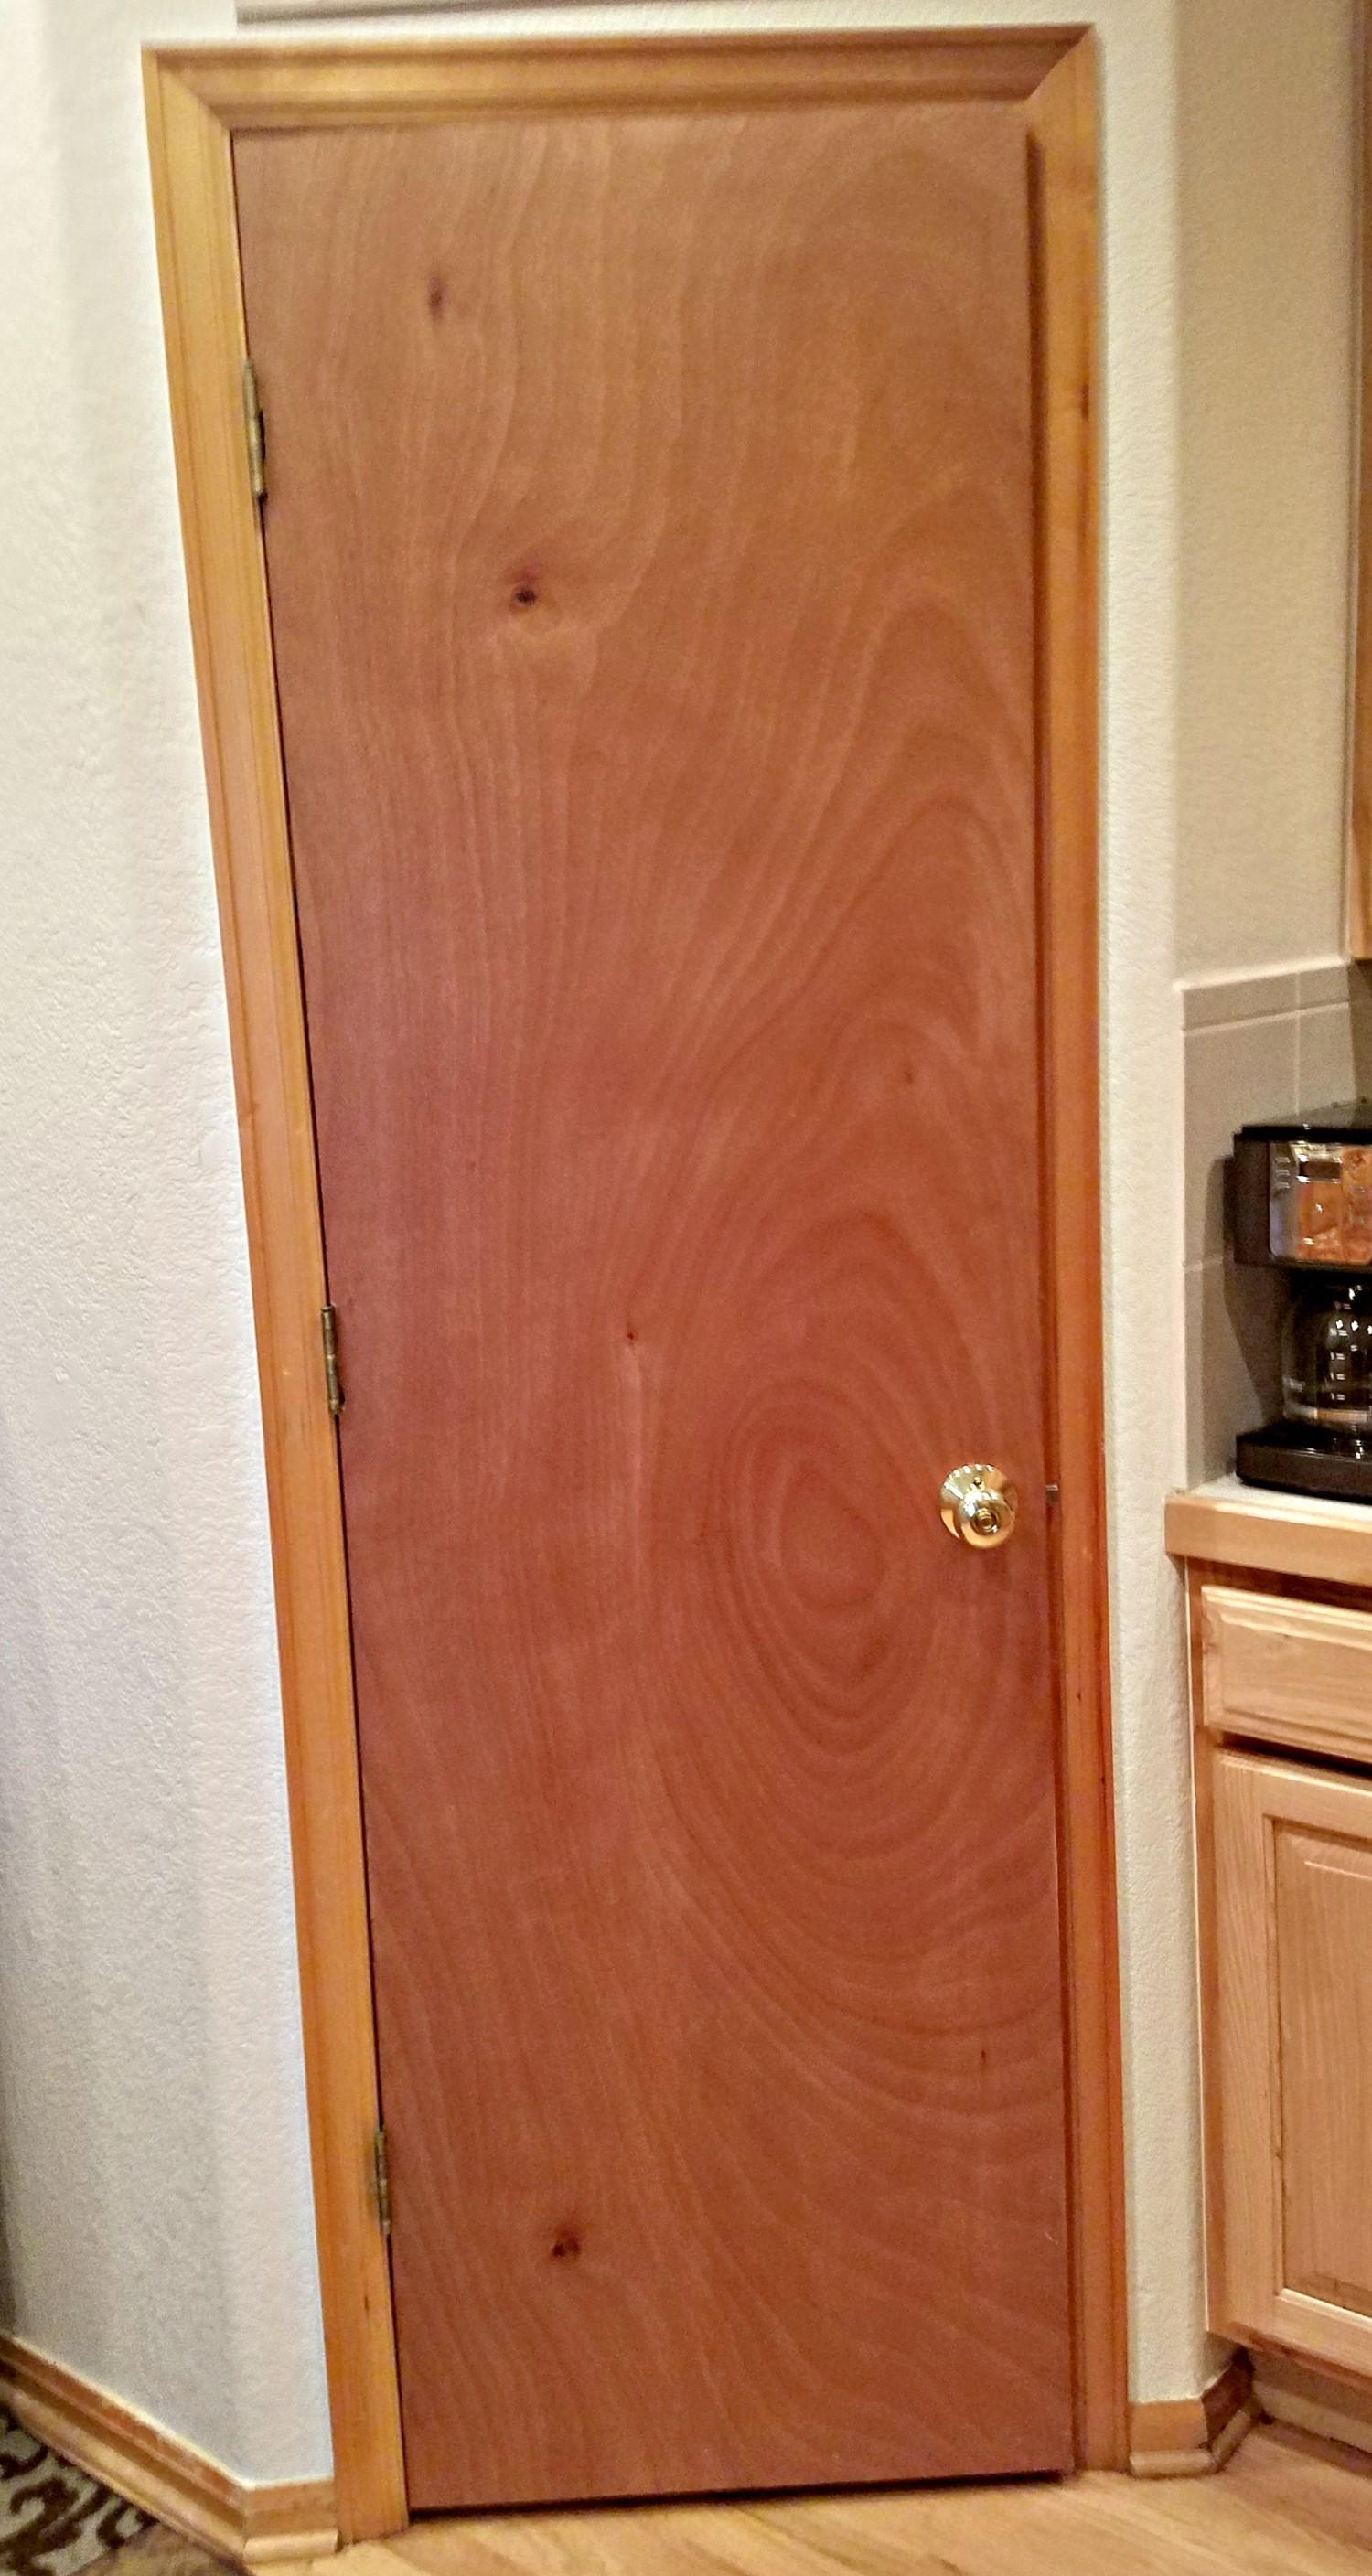 Handyman Matters image 49